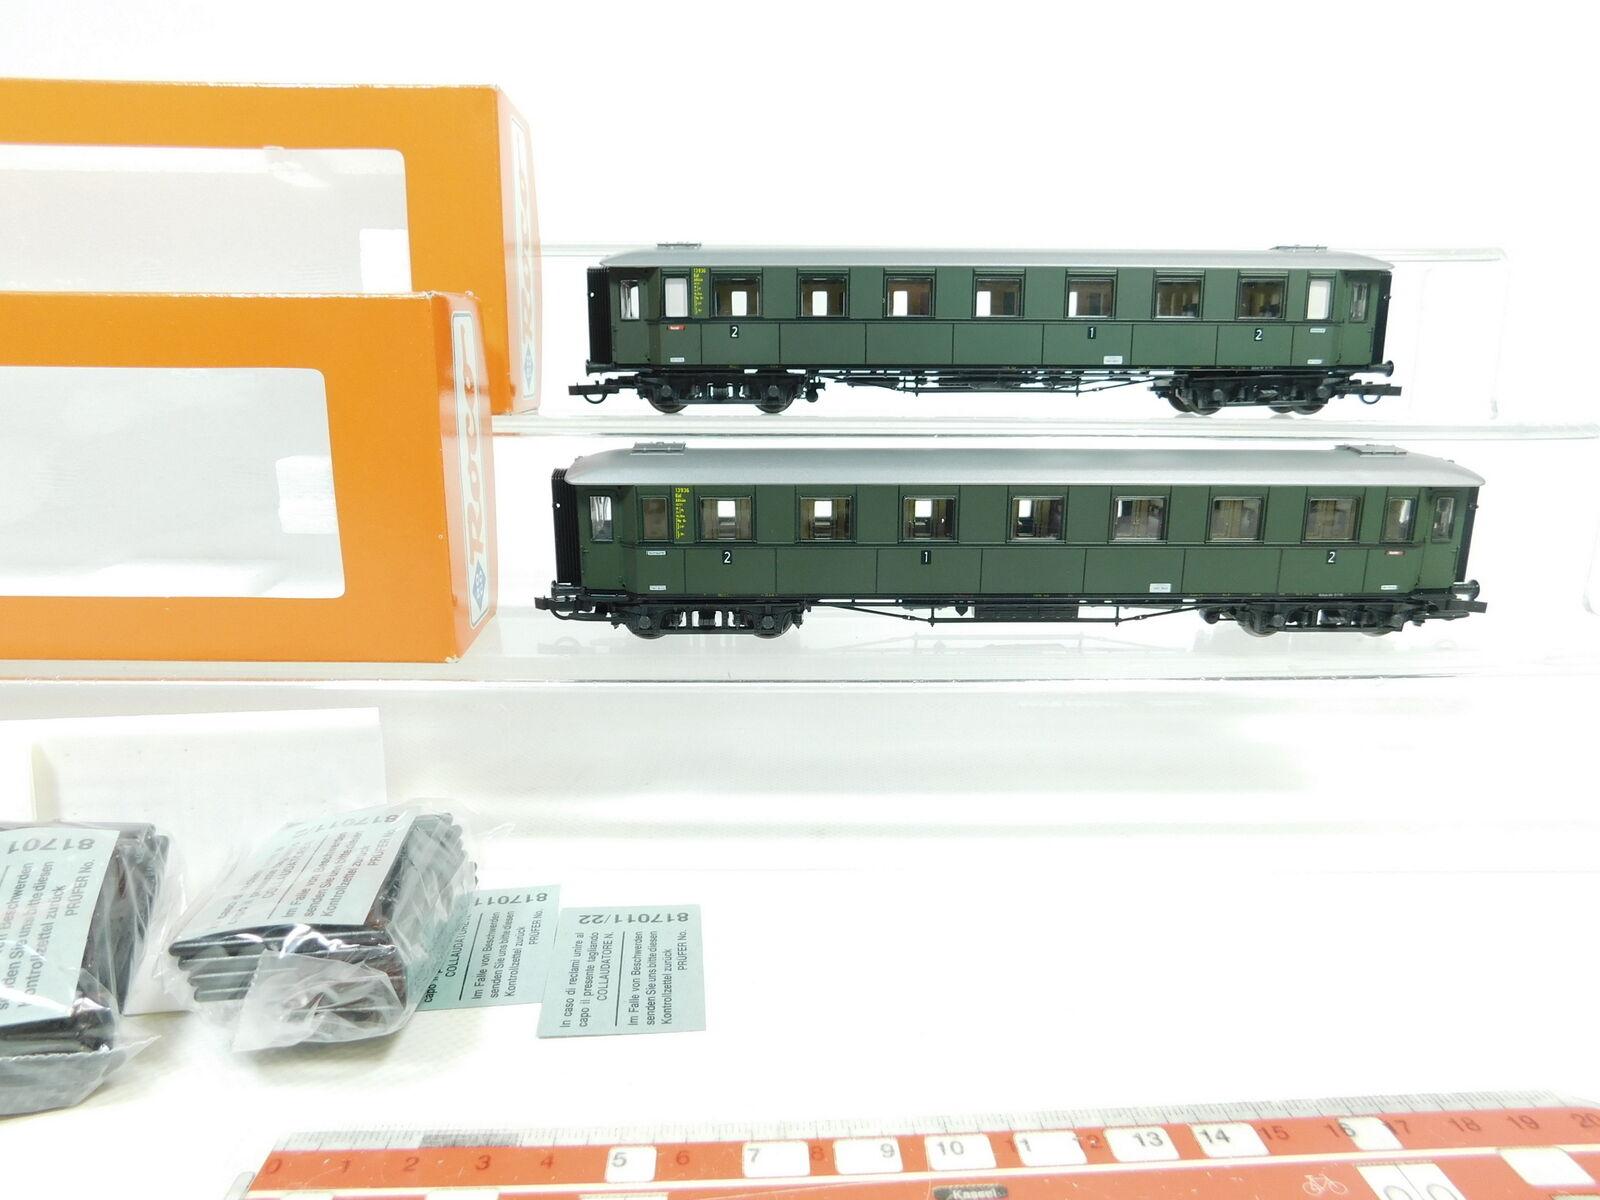 BJ50-1x Roco exclusiv H0 DC 44537 Personenwagen Personenwagen Personenwagen 13936 AB4üe DB NEM s.g.+OVP d7f4c6